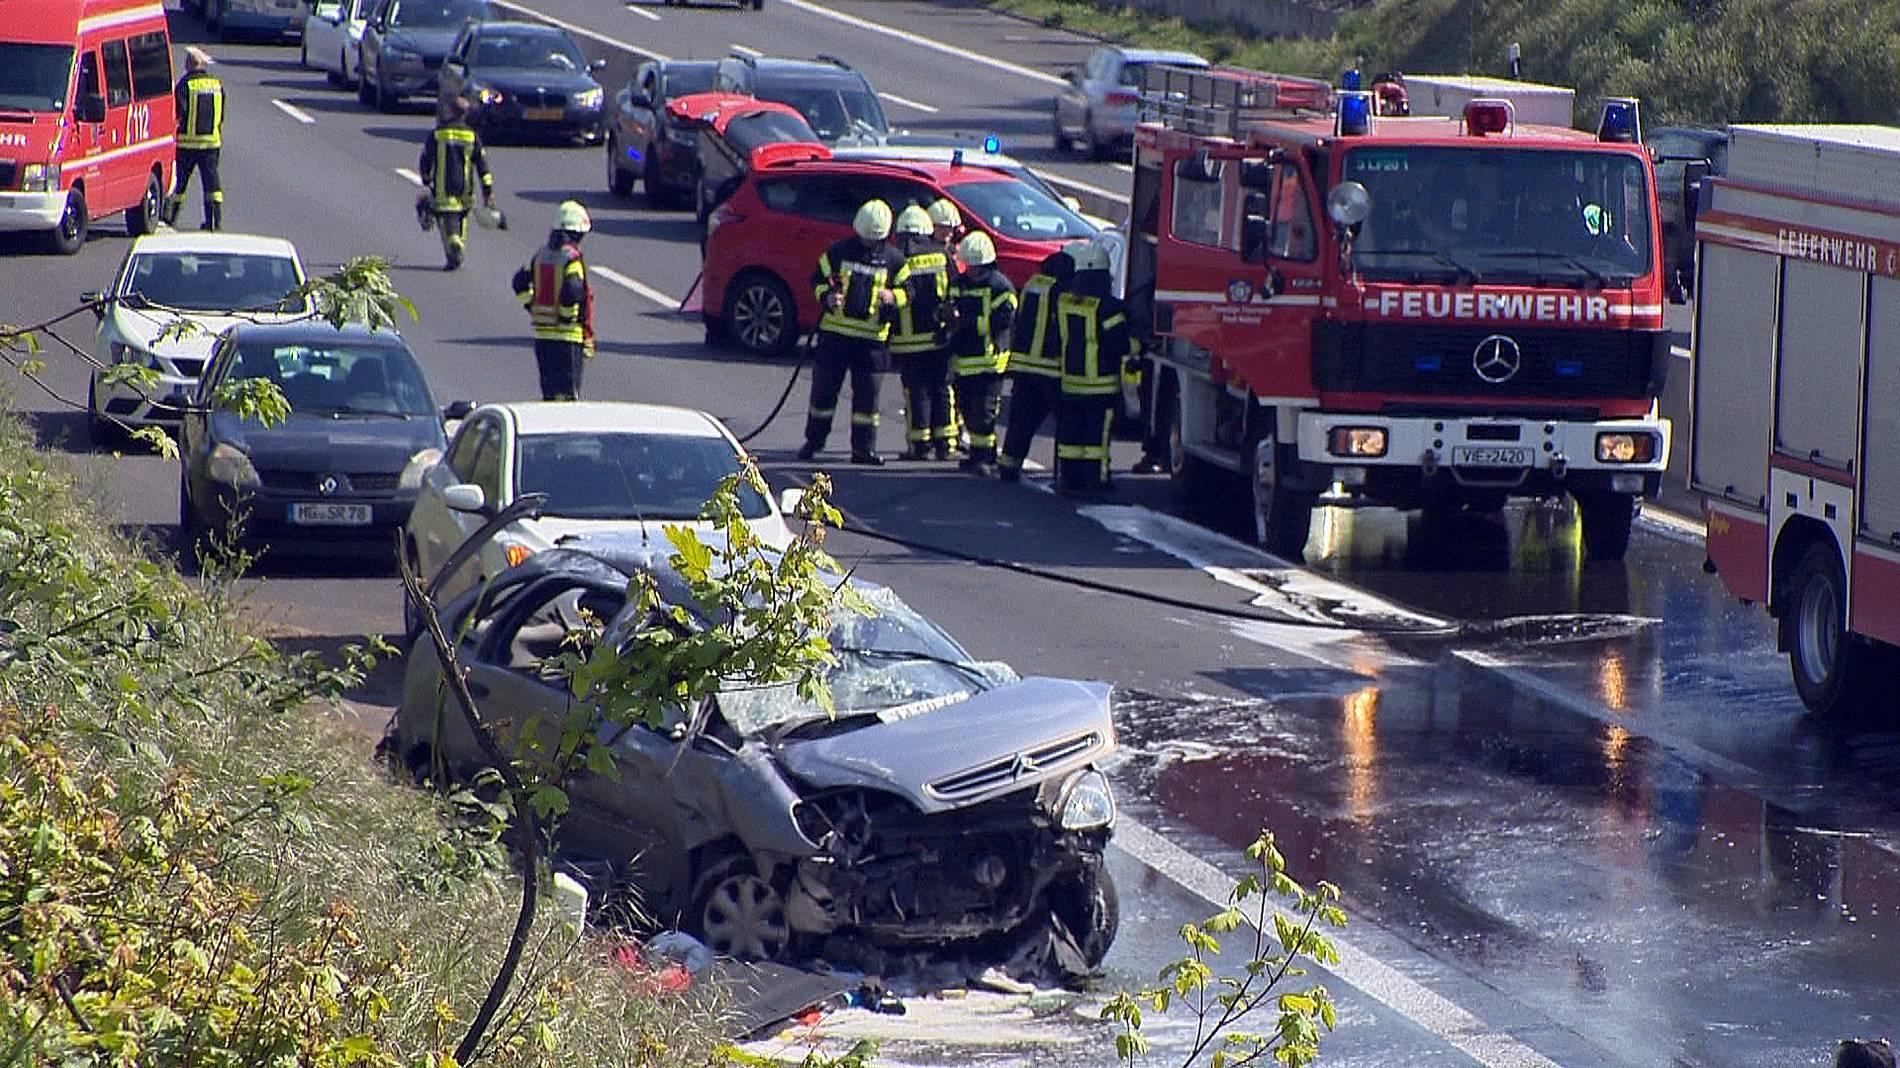 Unfall A61 Heute Rheinbach